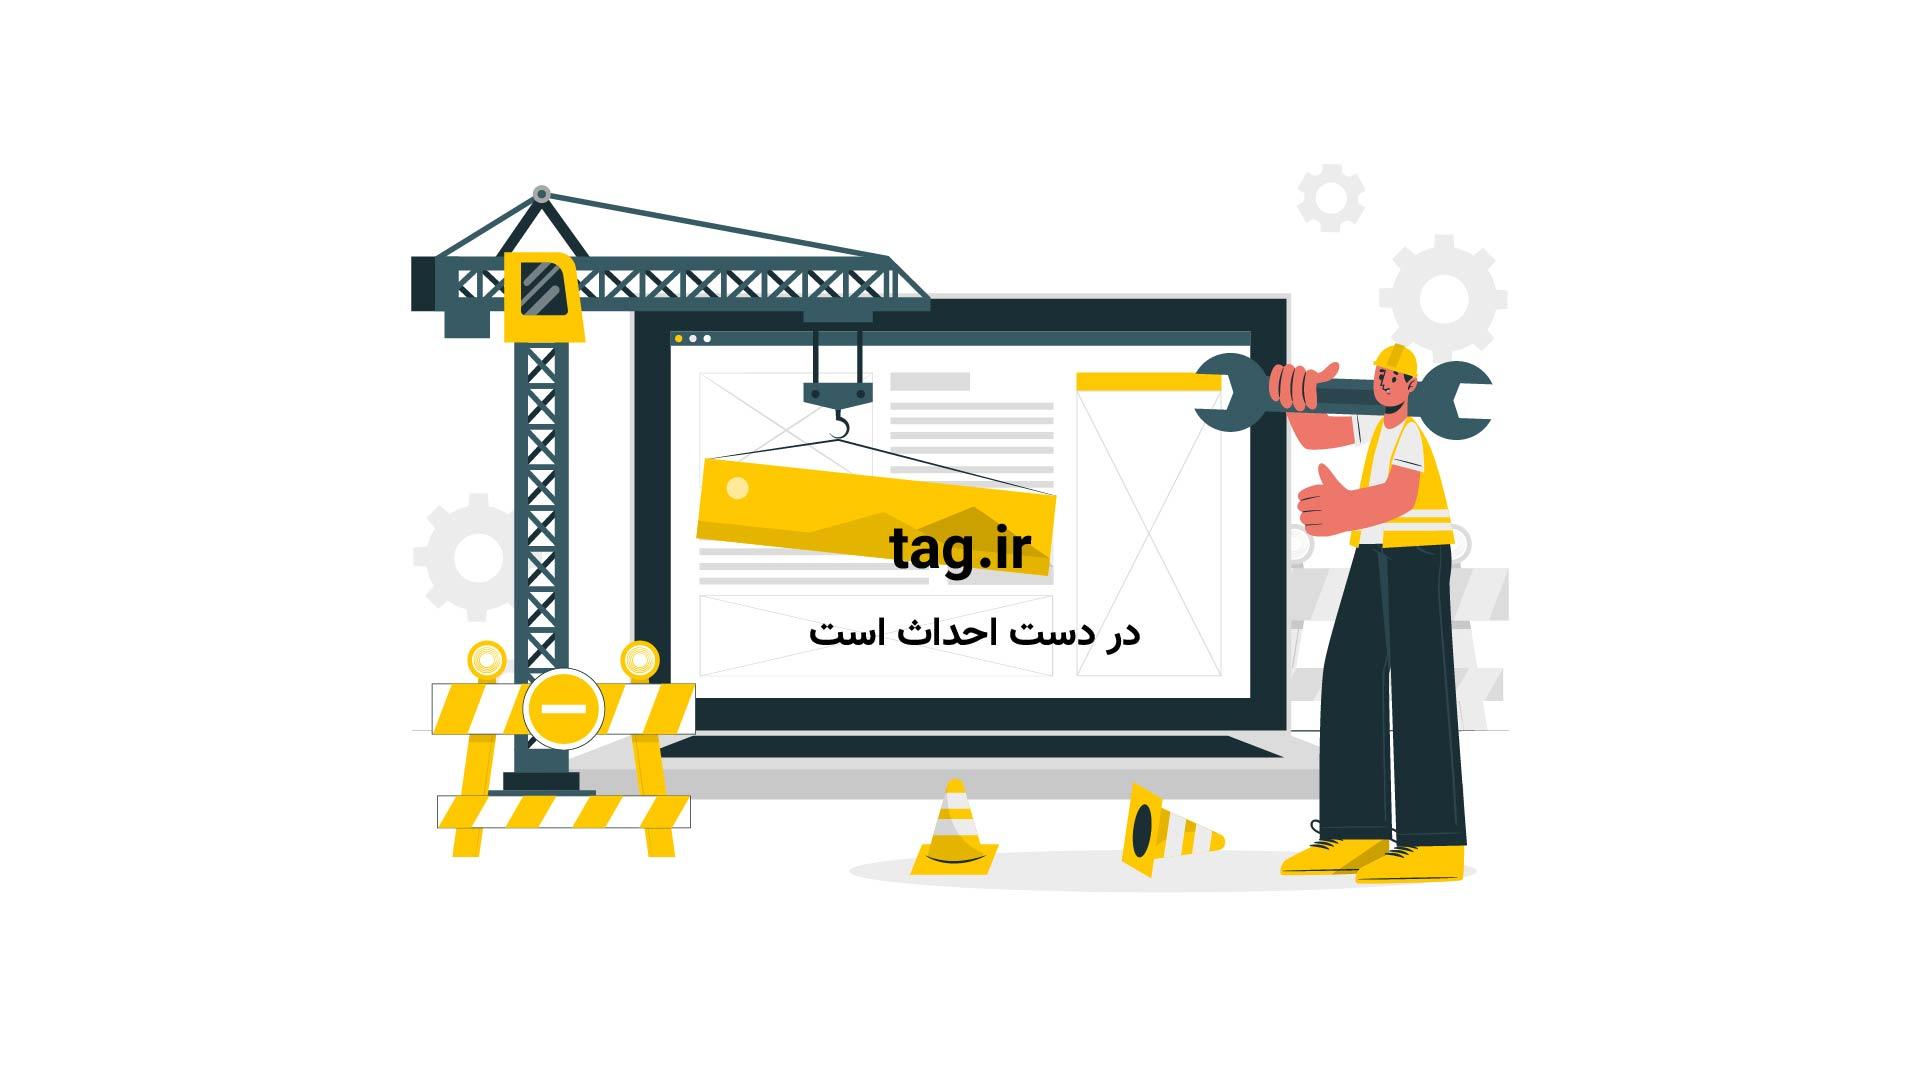 روش جالب درست کردن قهوه   تگ